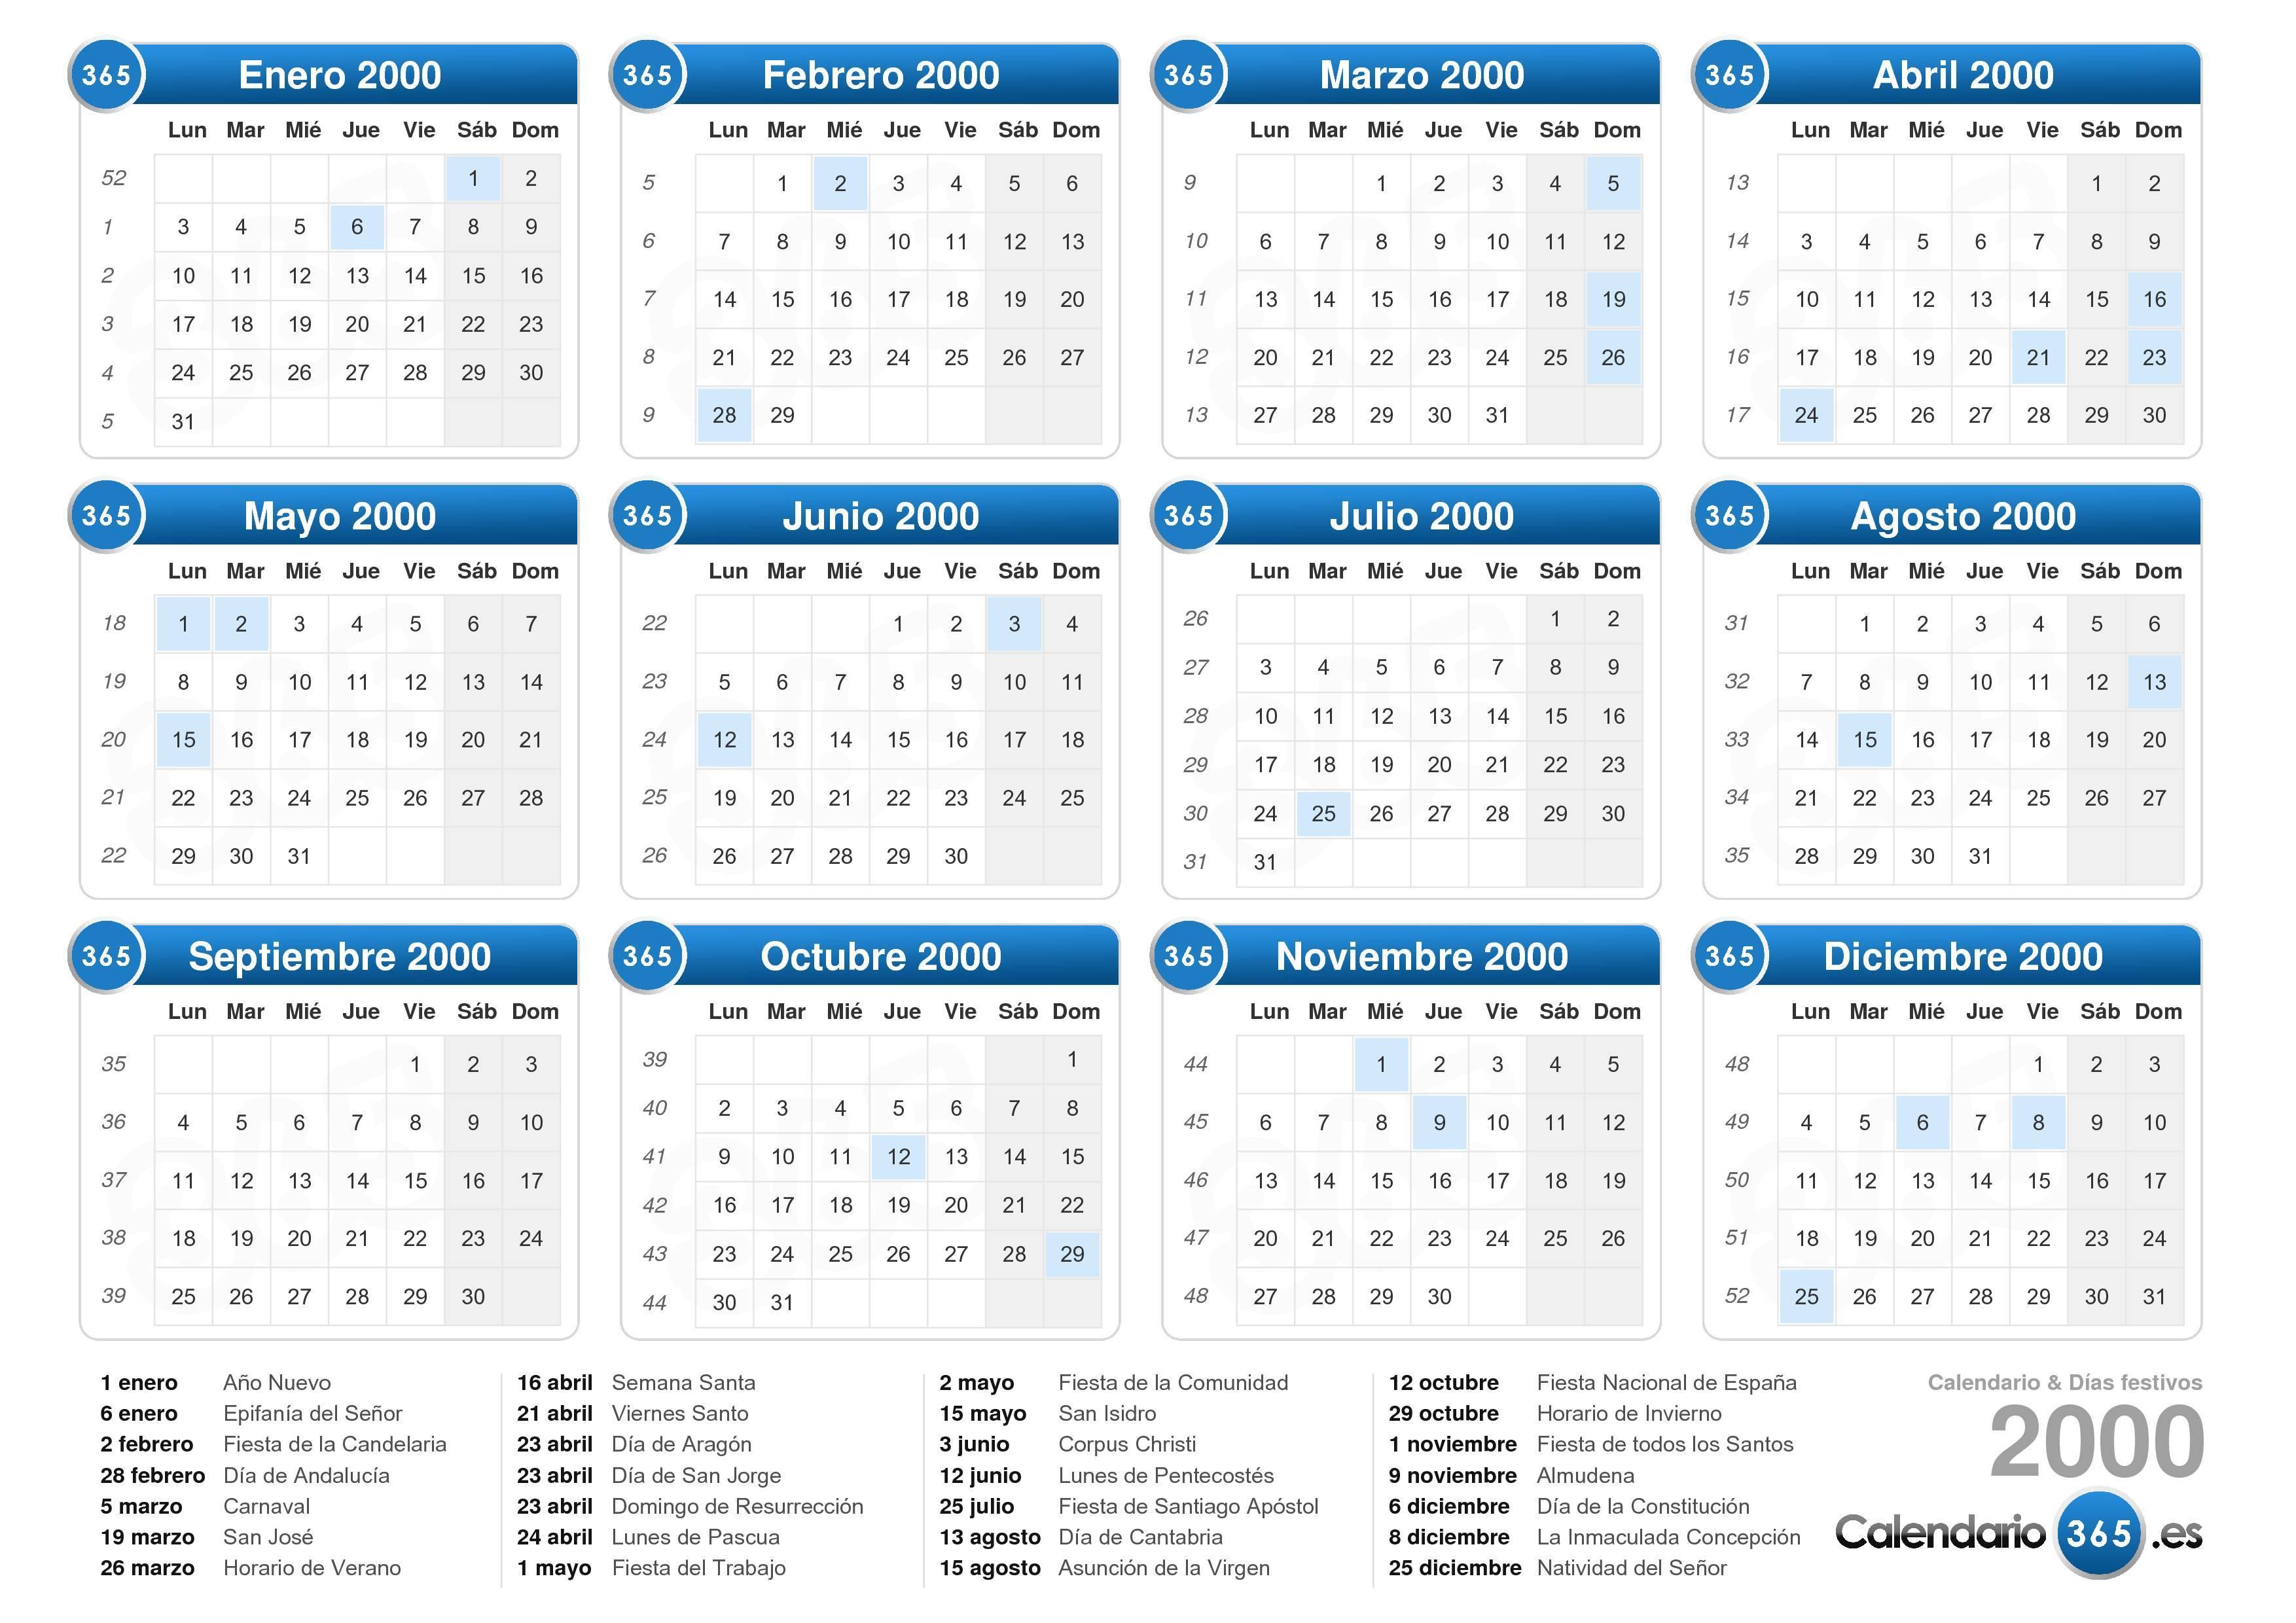 Calendario Julio Del 2000.Calendario 2000